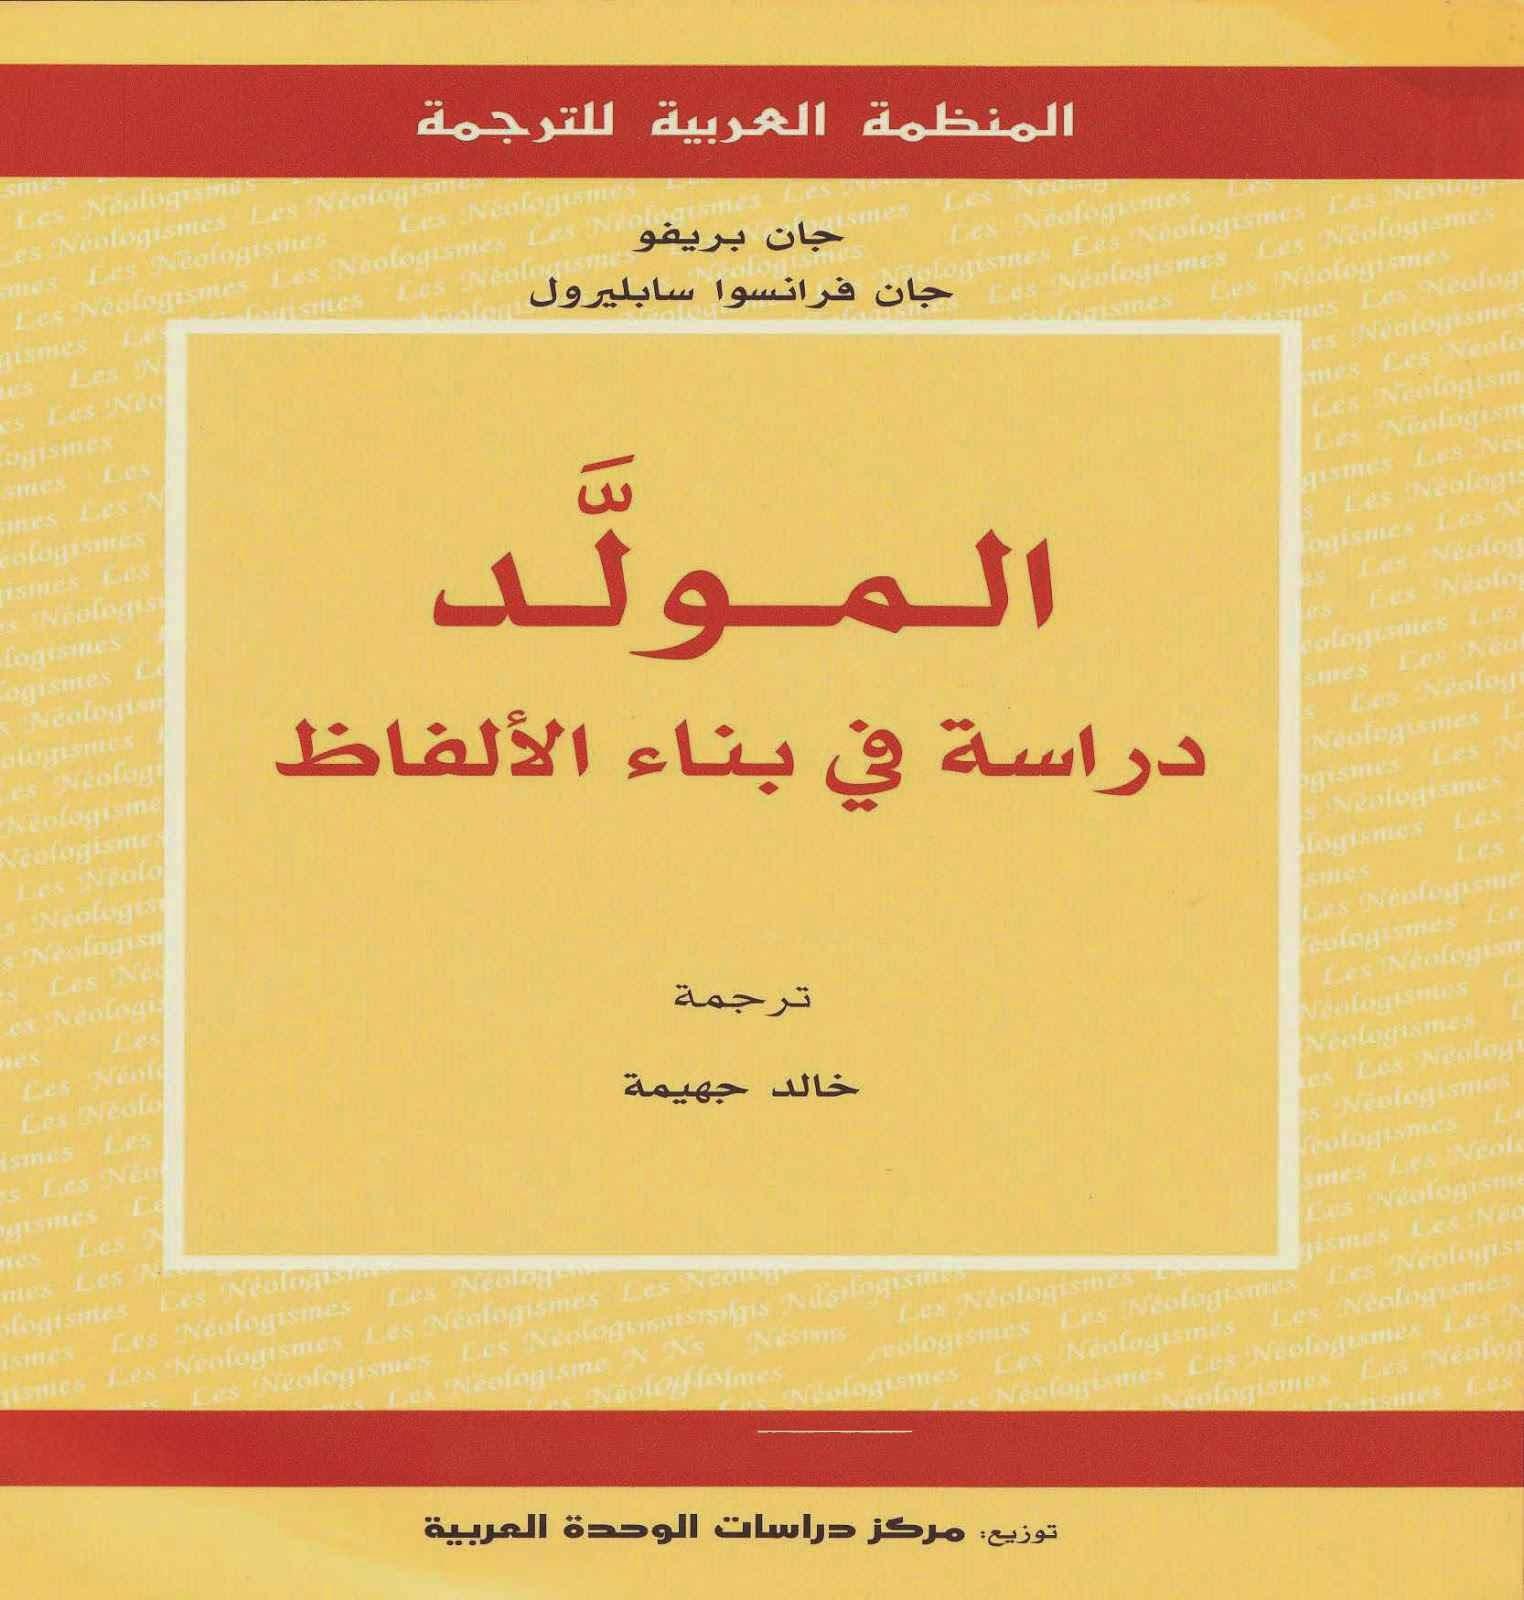 كتاب المولَّد: دراسة في بناء الألفاظ لـ جان بريفو وجان فرانسوا سابليرول